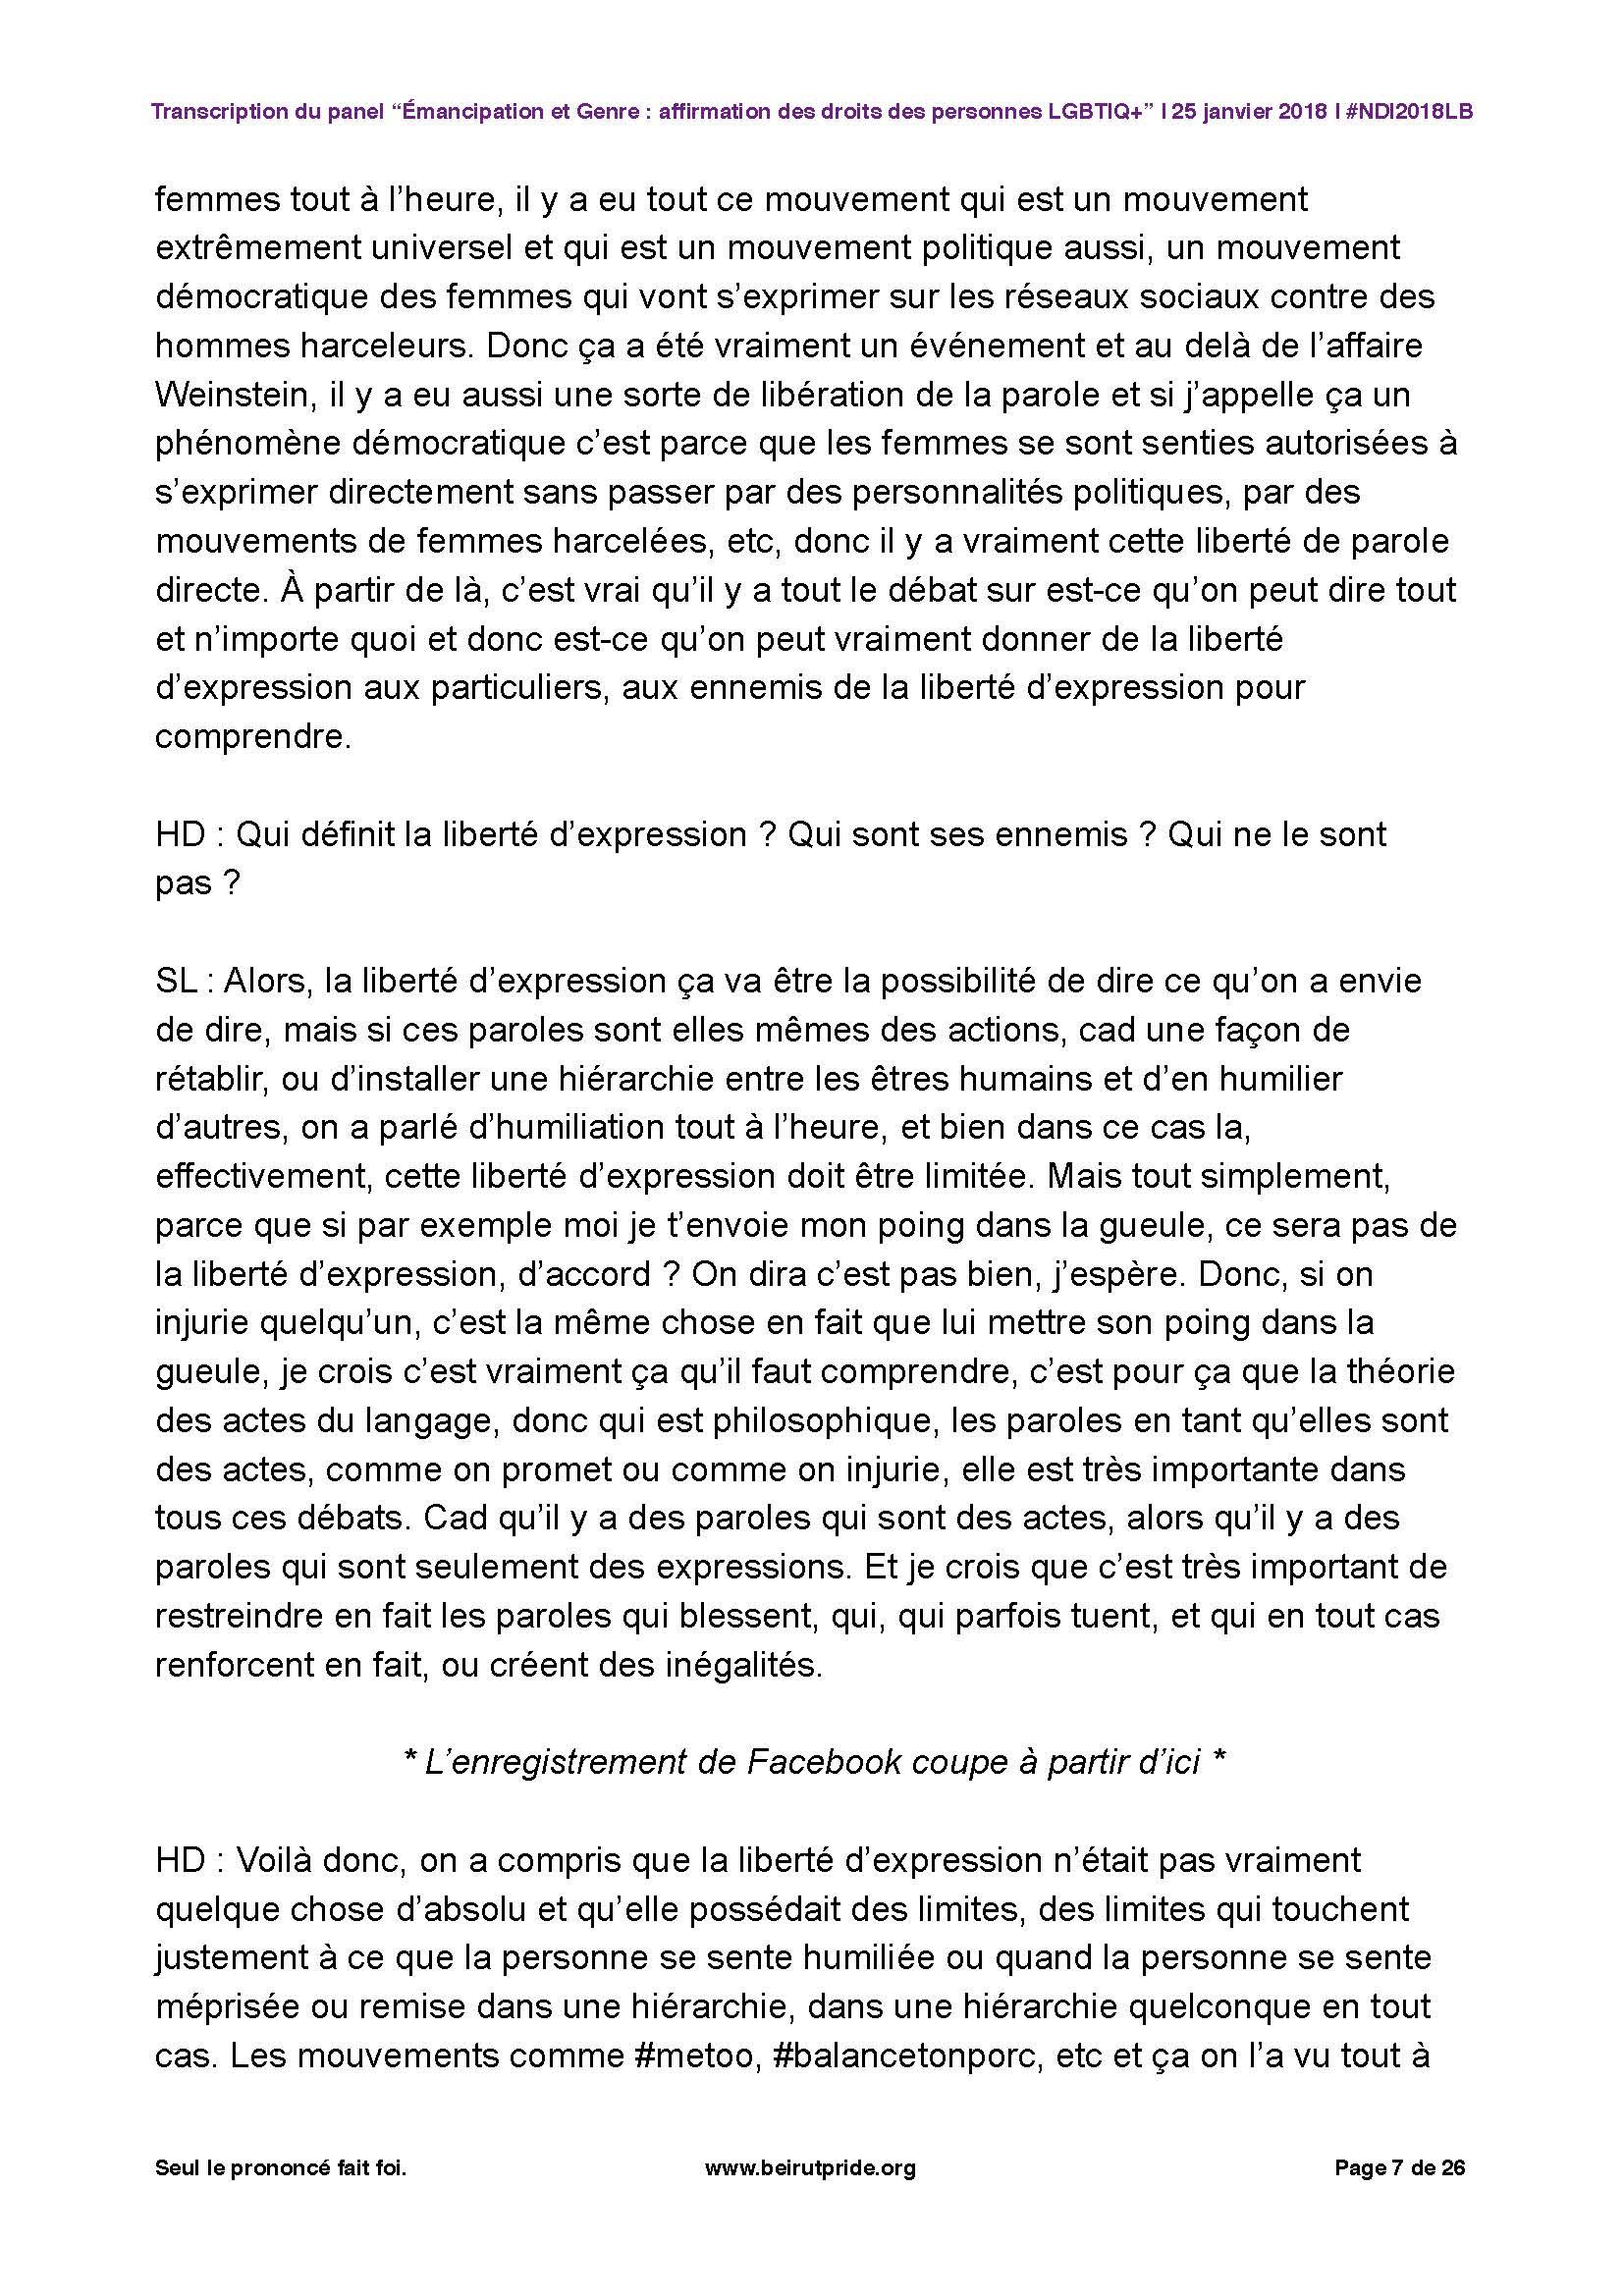 Transcription Nuit des idées 2018_Page_07.jpg